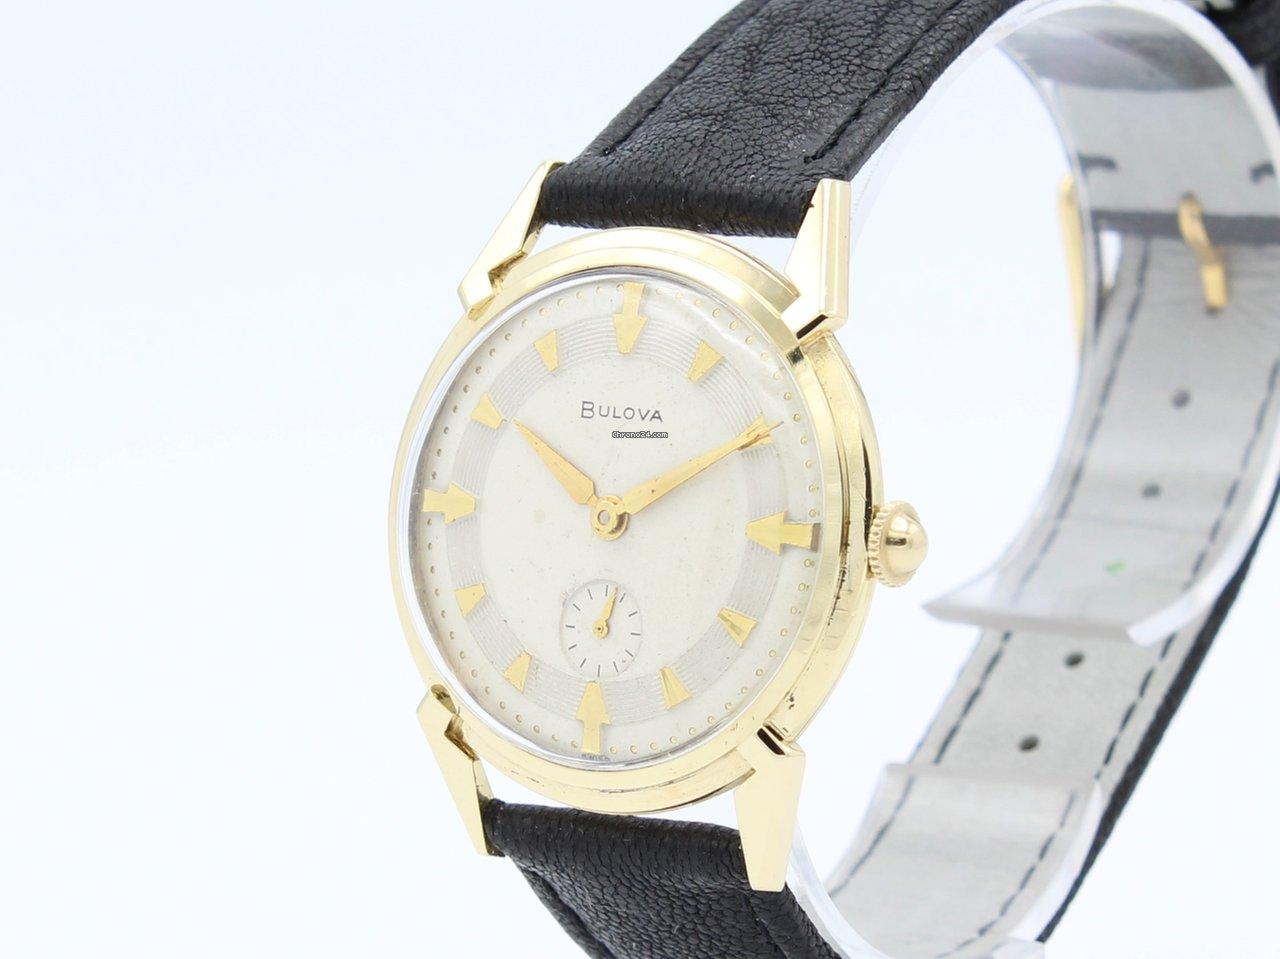 f9f6c82acf61 Relojes Bulova - Precios de todos los relojes Bulova en Chrono24